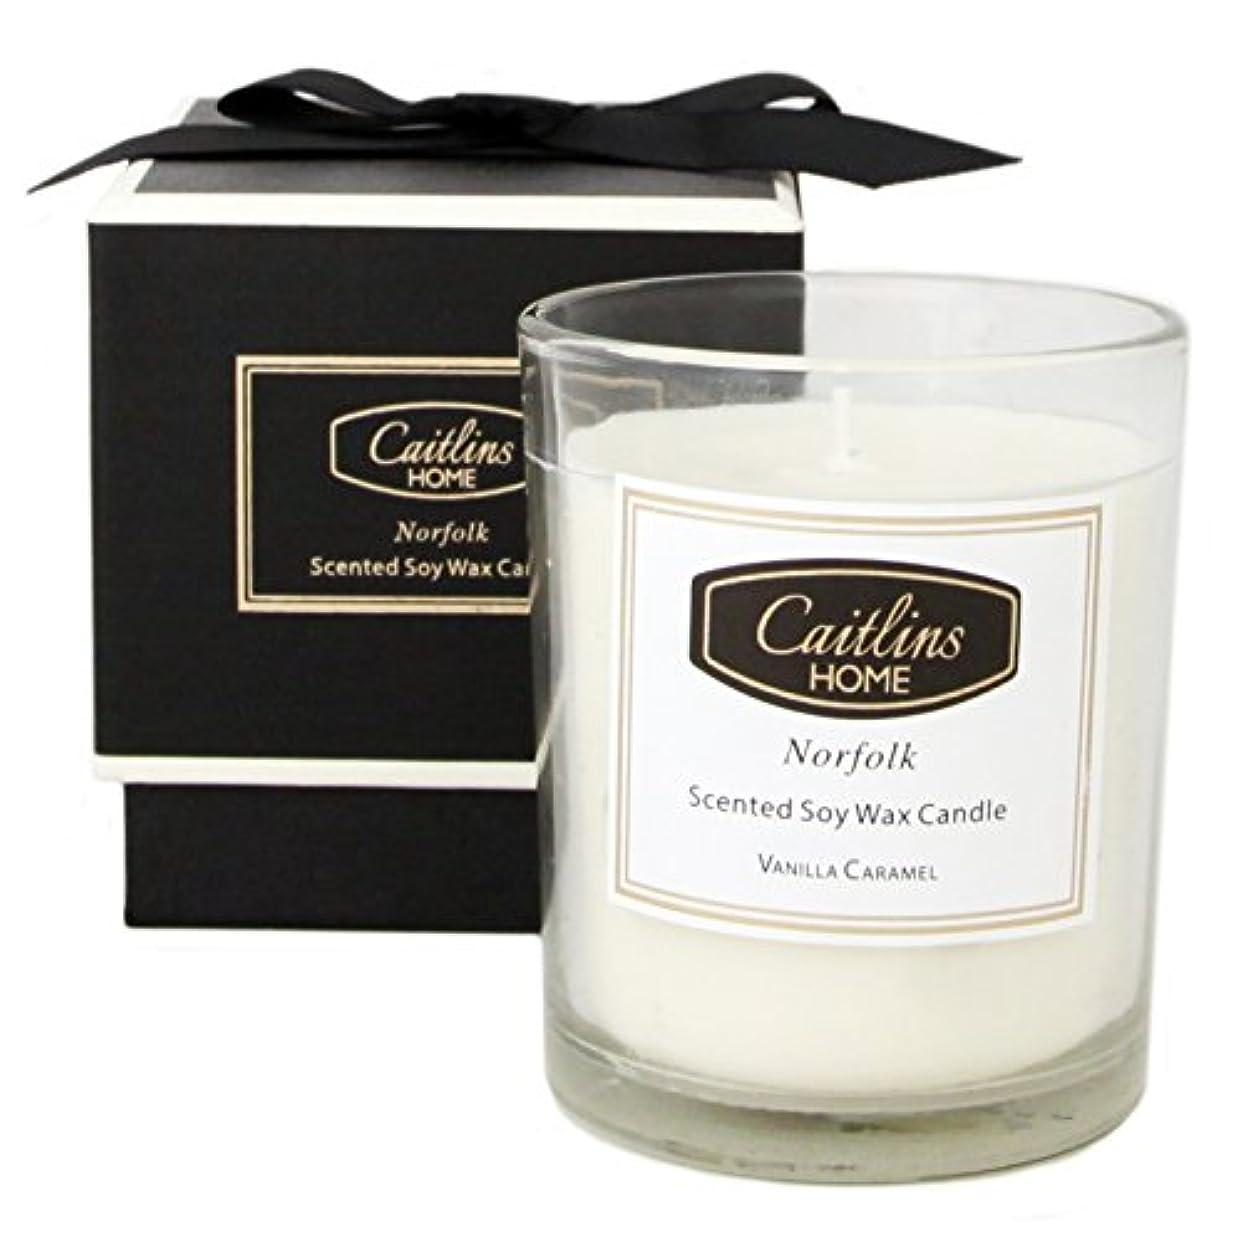 船外トラック対抗(Small, Vanilla Caramel) - Vanilla Caramel Candle Soy Wax Aromatherapy Candle Home Fragrance Gift Caitlins Home